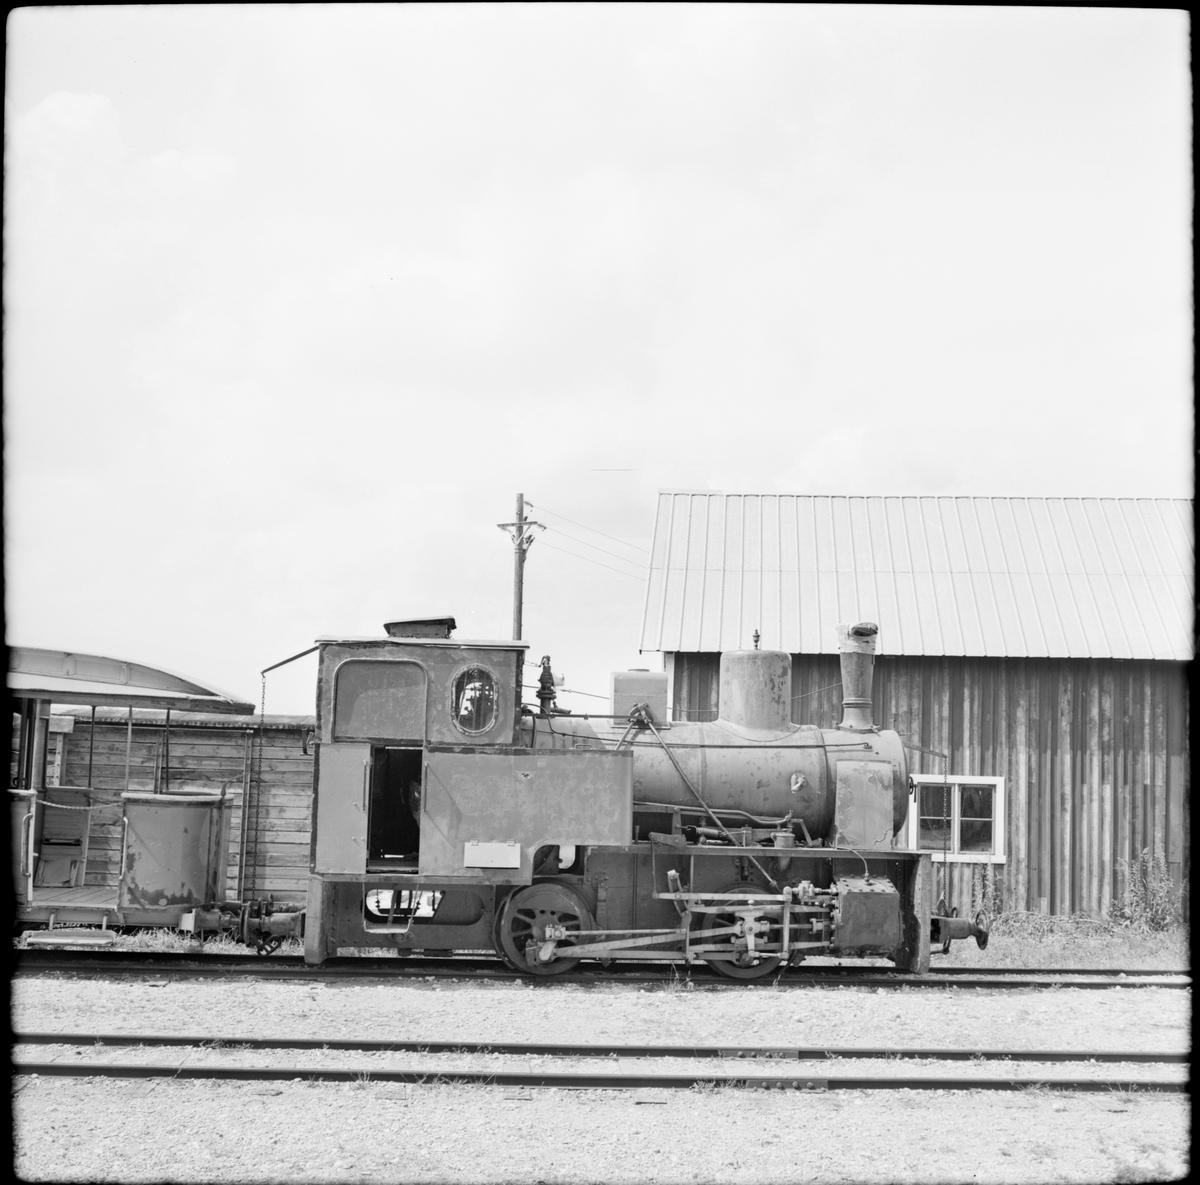 Ånglok från Limhamns kalkbrott. Fotot är taget hos Gotlands Hesselby Järnväg.